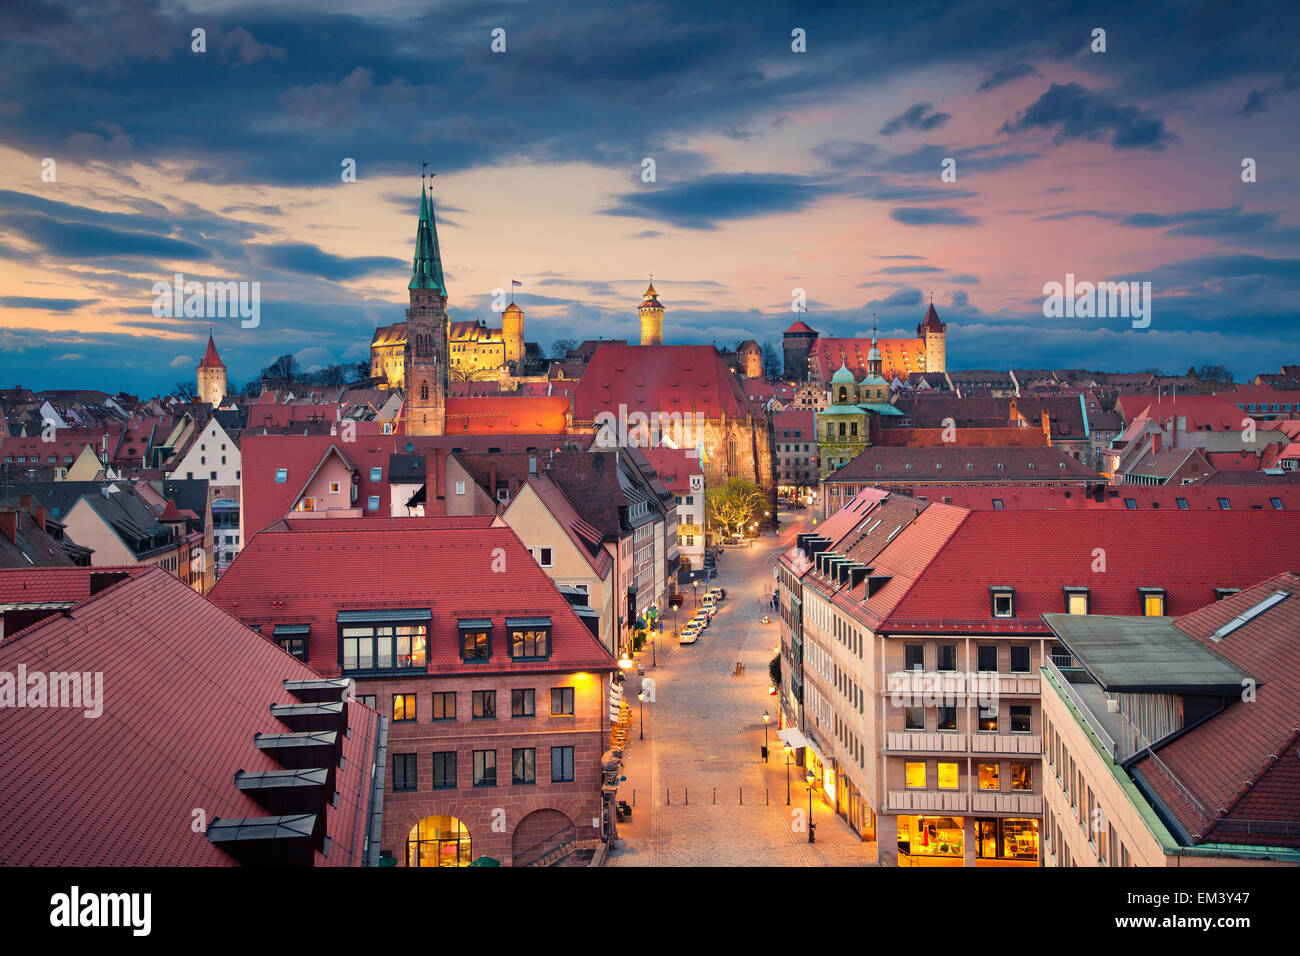 Nuremberg. Image de centre-ville historique de Nuremberg, Allemagne au coucher du soleil. Photo Stock